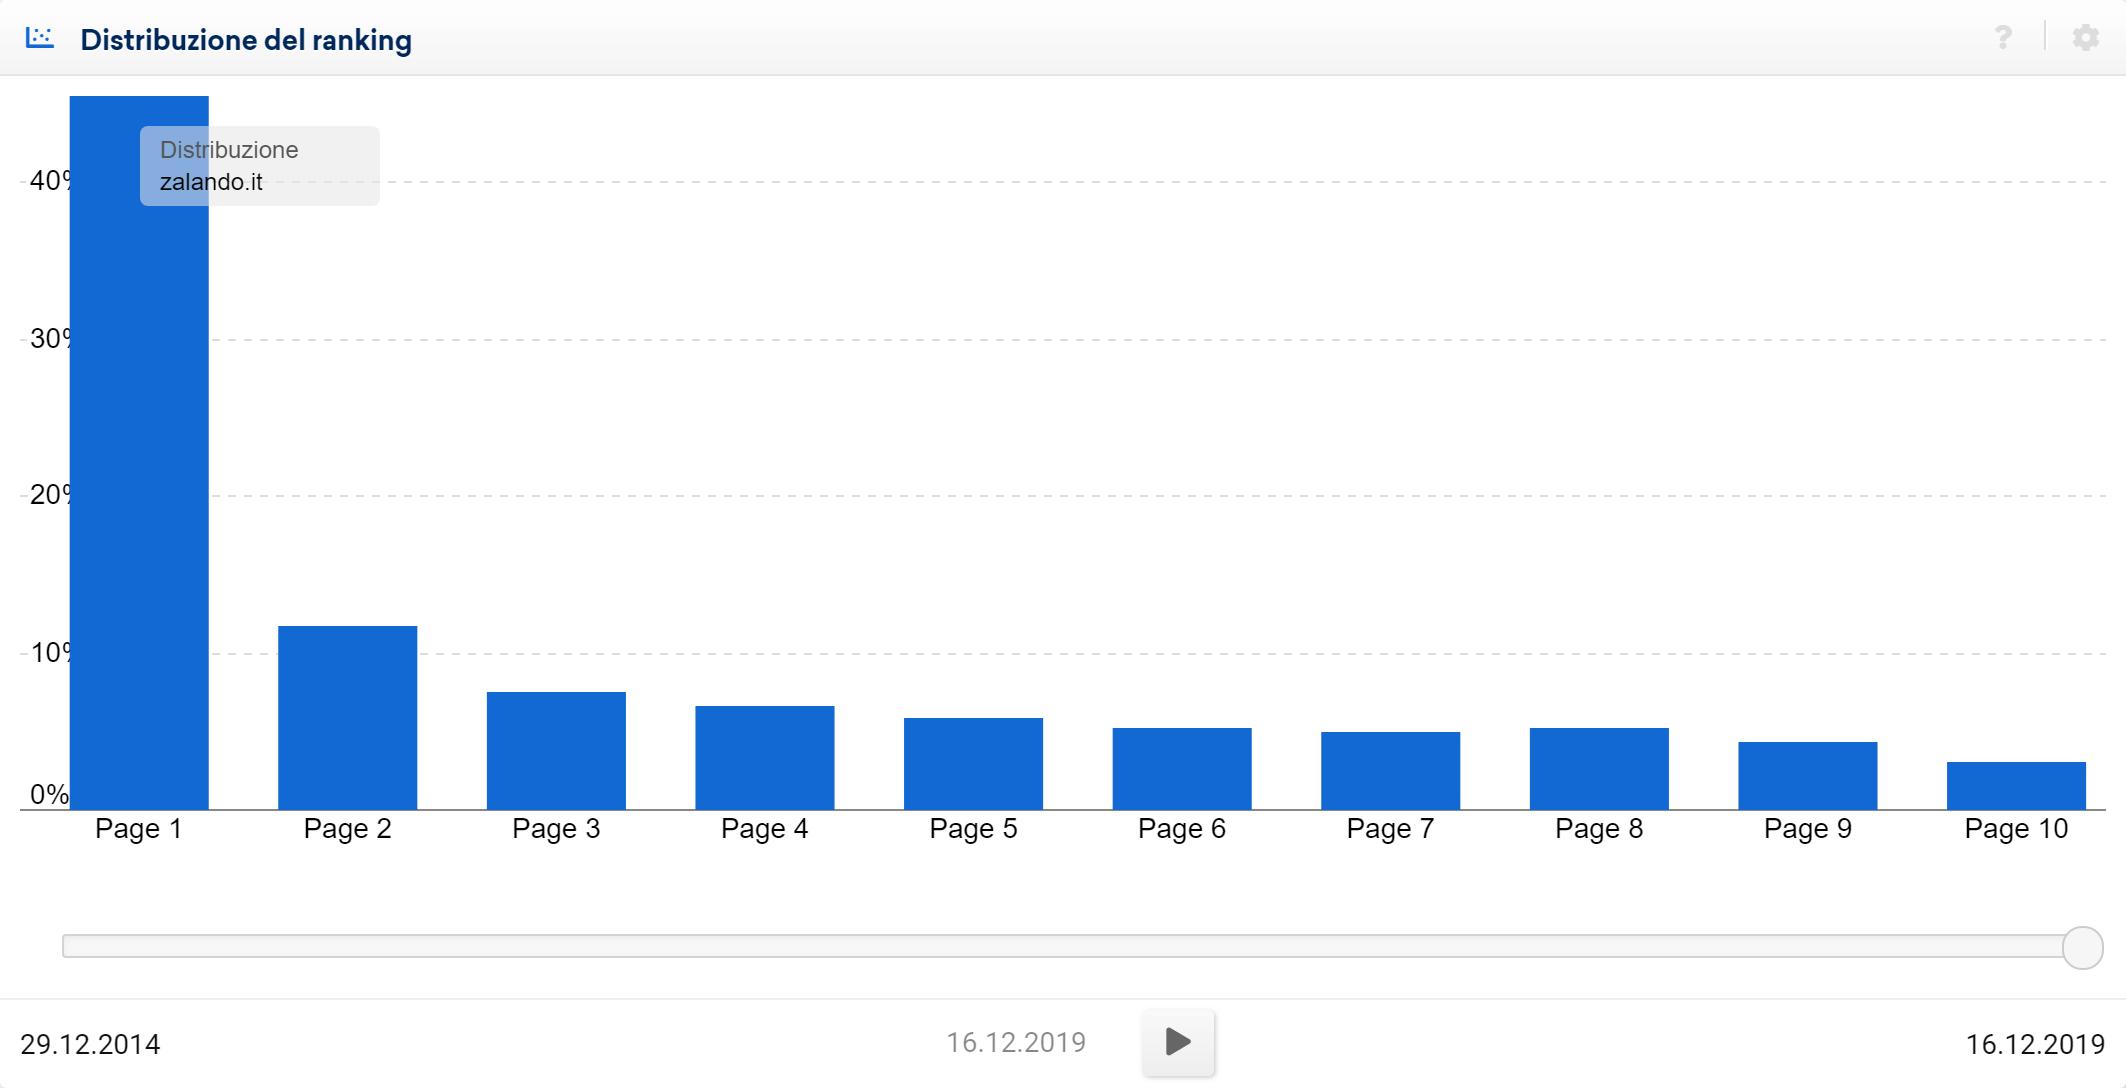 Grafico a barre della distribuzione del ranking nel Toolbox SISTRIX